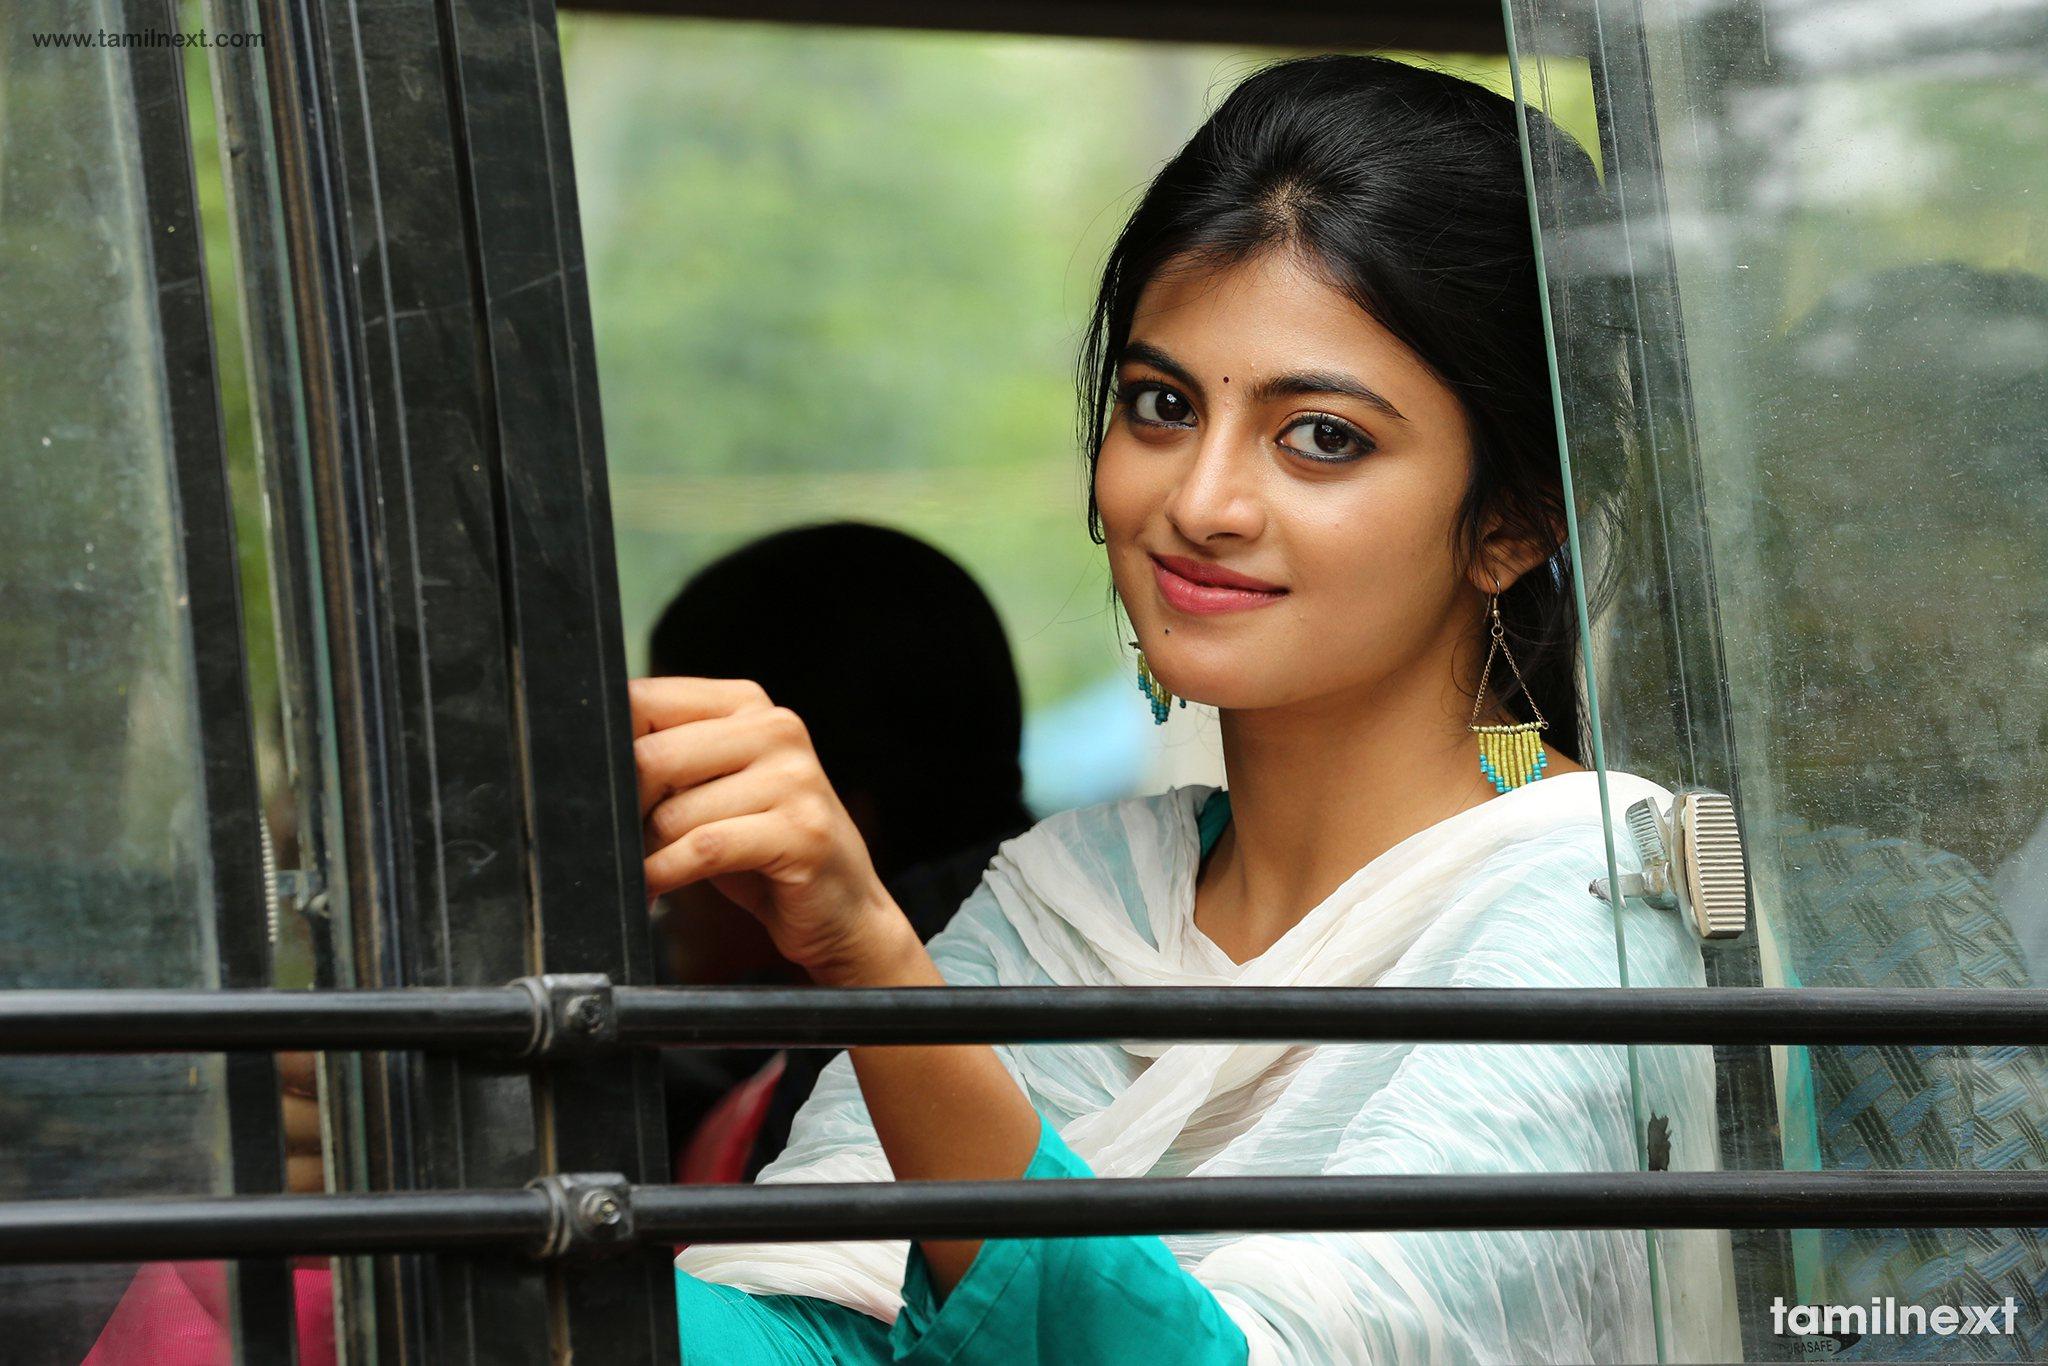 mannar vagaiyara movie hd stills tamilnext